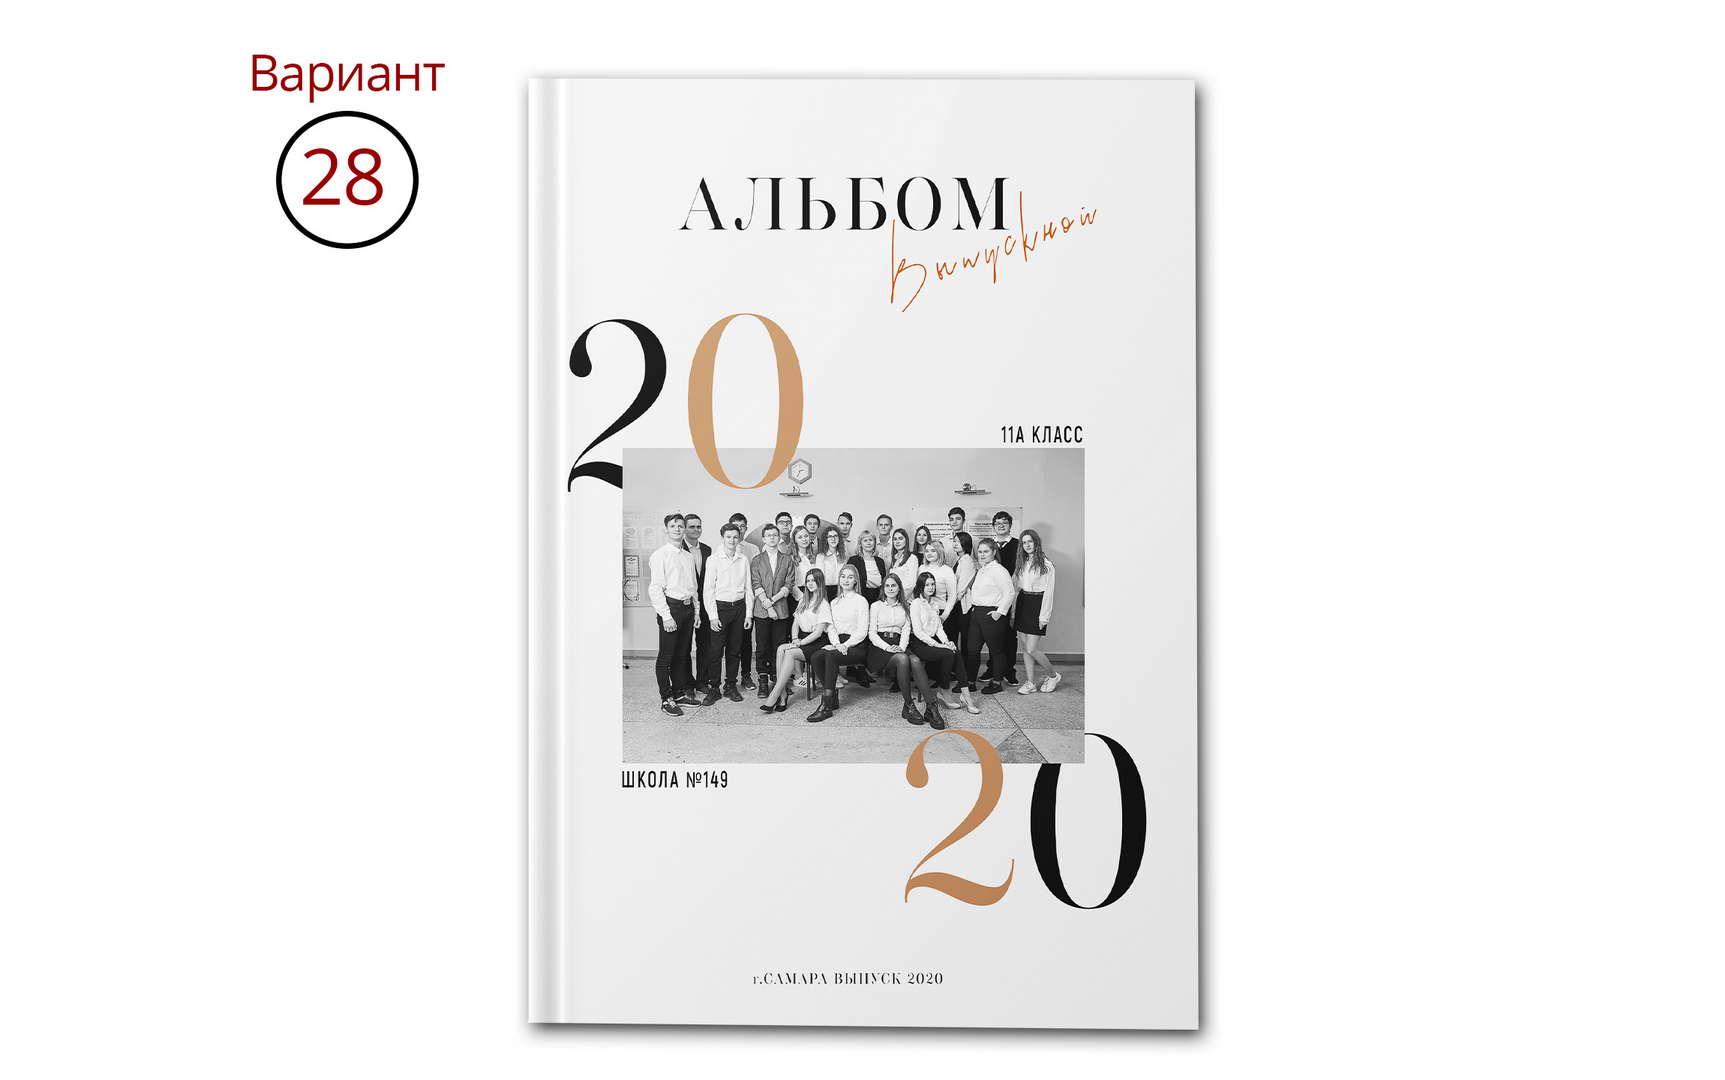 Обложка для выпускного альбома 28